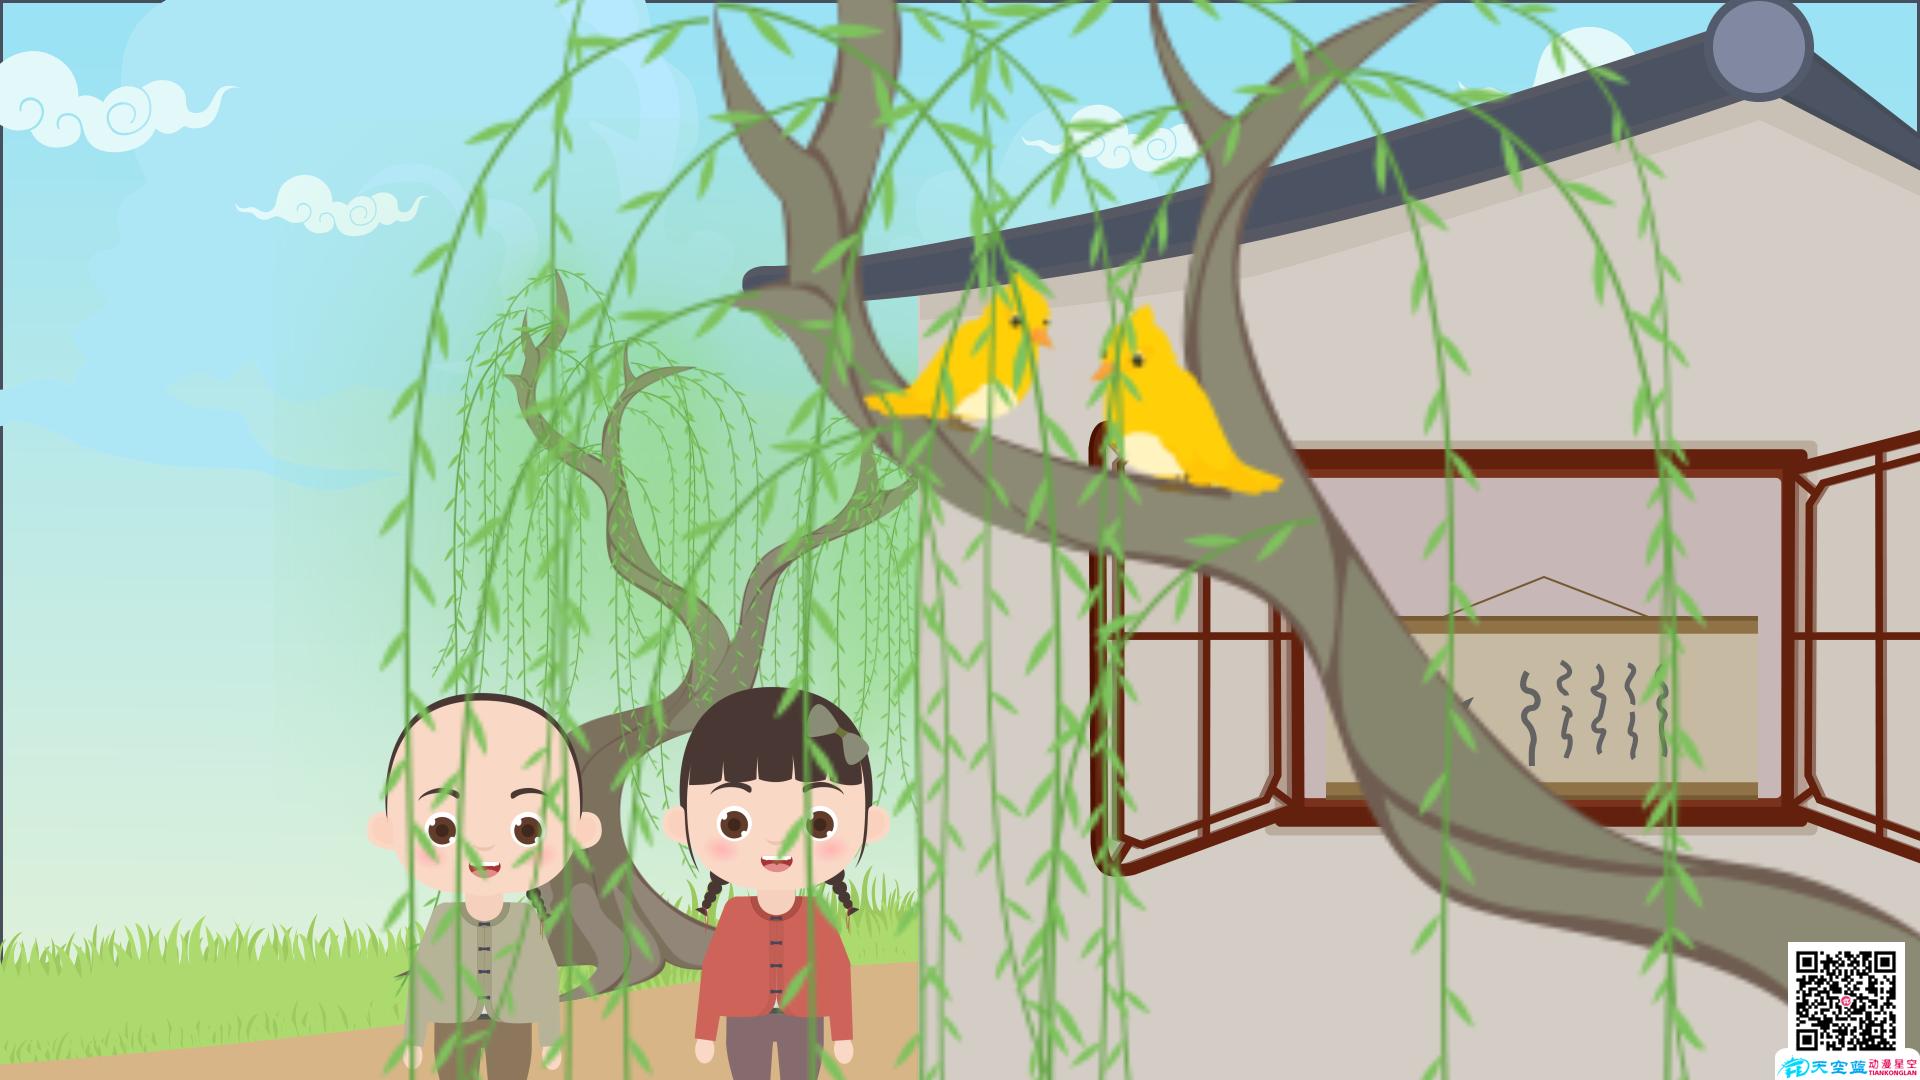 动画教学视频制作《村居》小学二年级动画学习片 教学动画制作 第7张